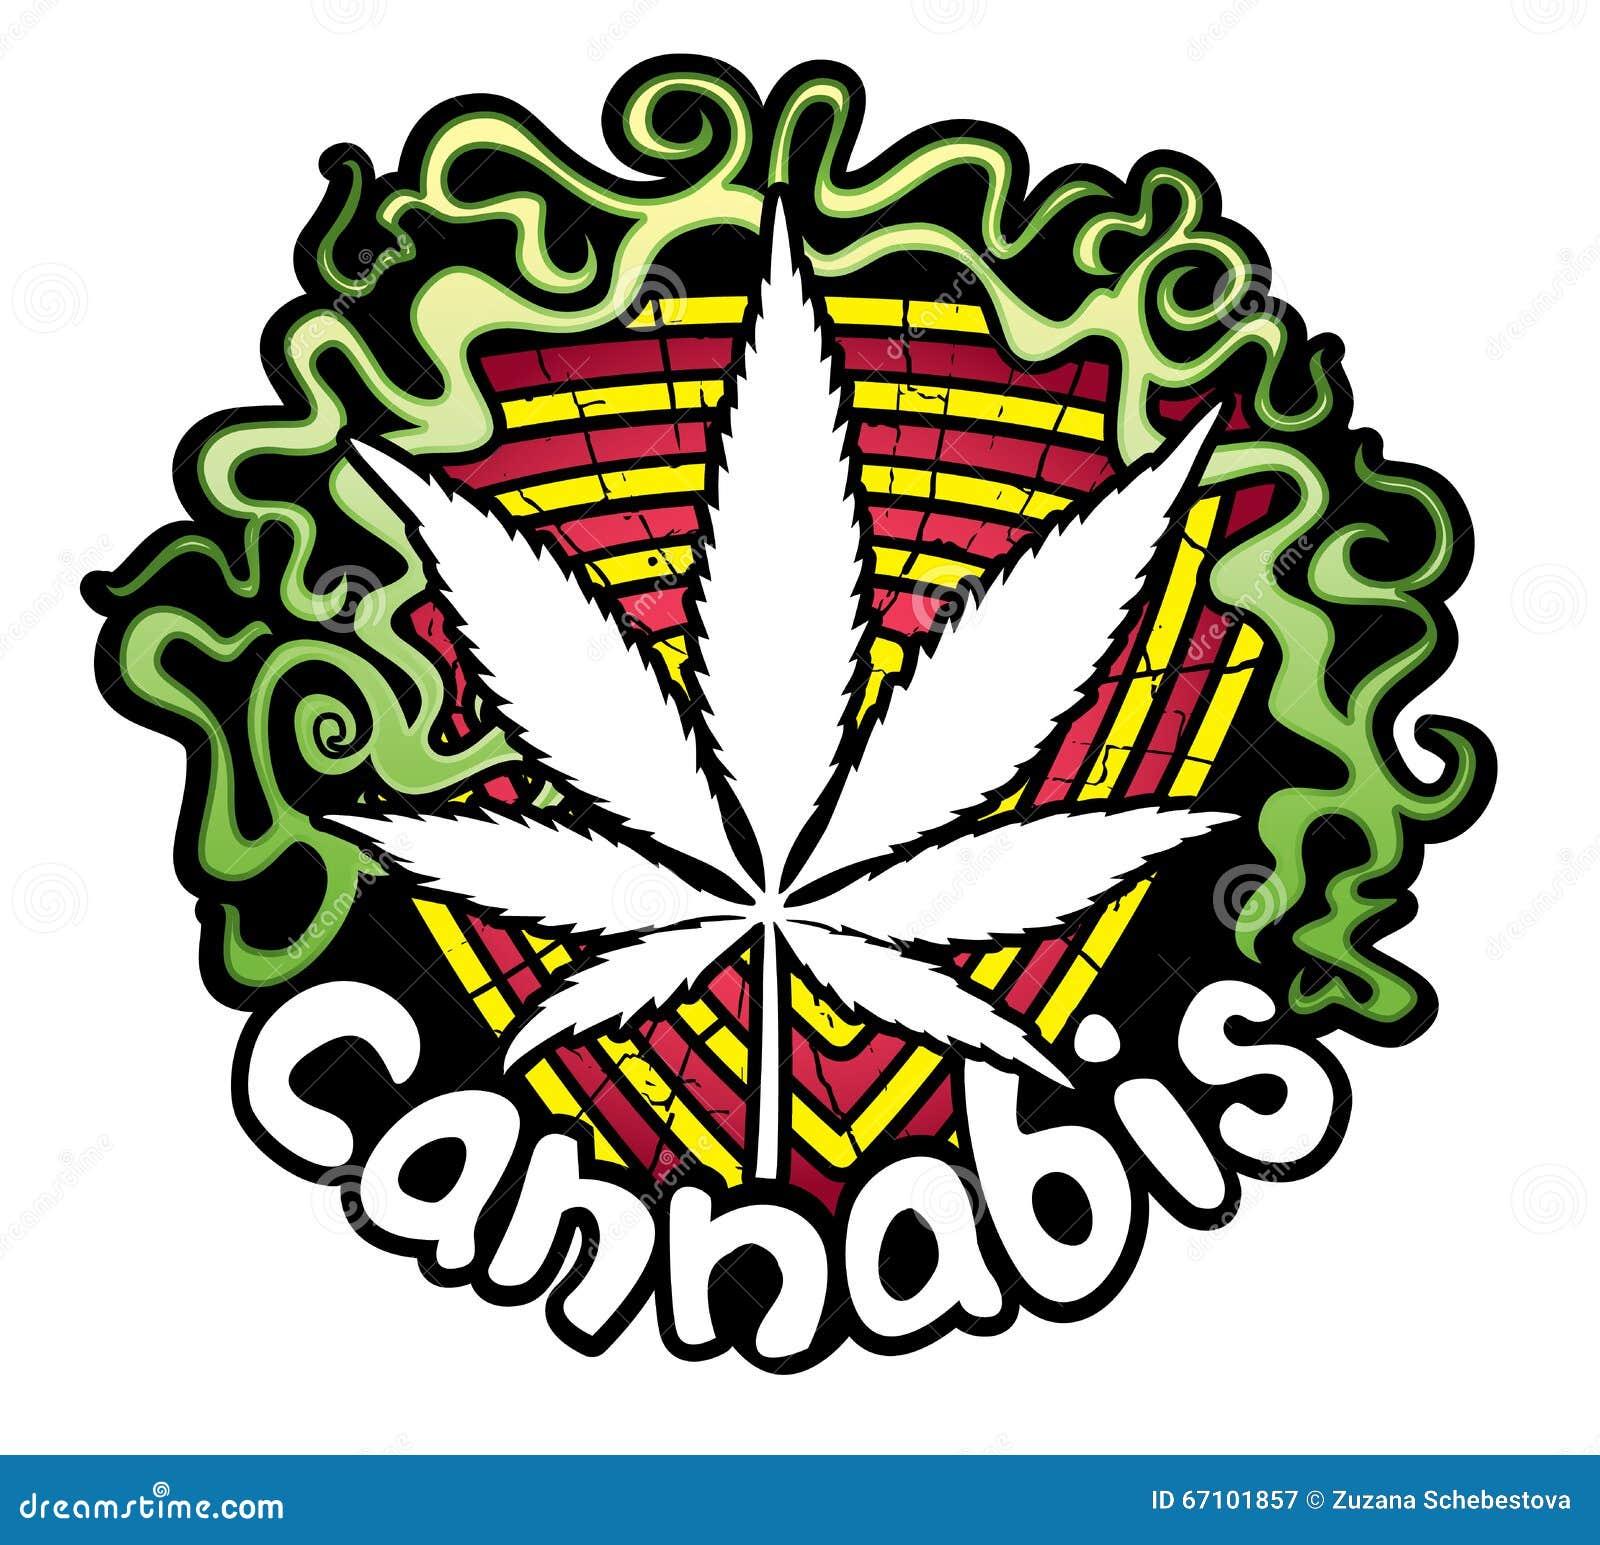 Marijuana leaf symbol design sticker stock illustration marijuana leaf symbol design sticker biocorpaavc